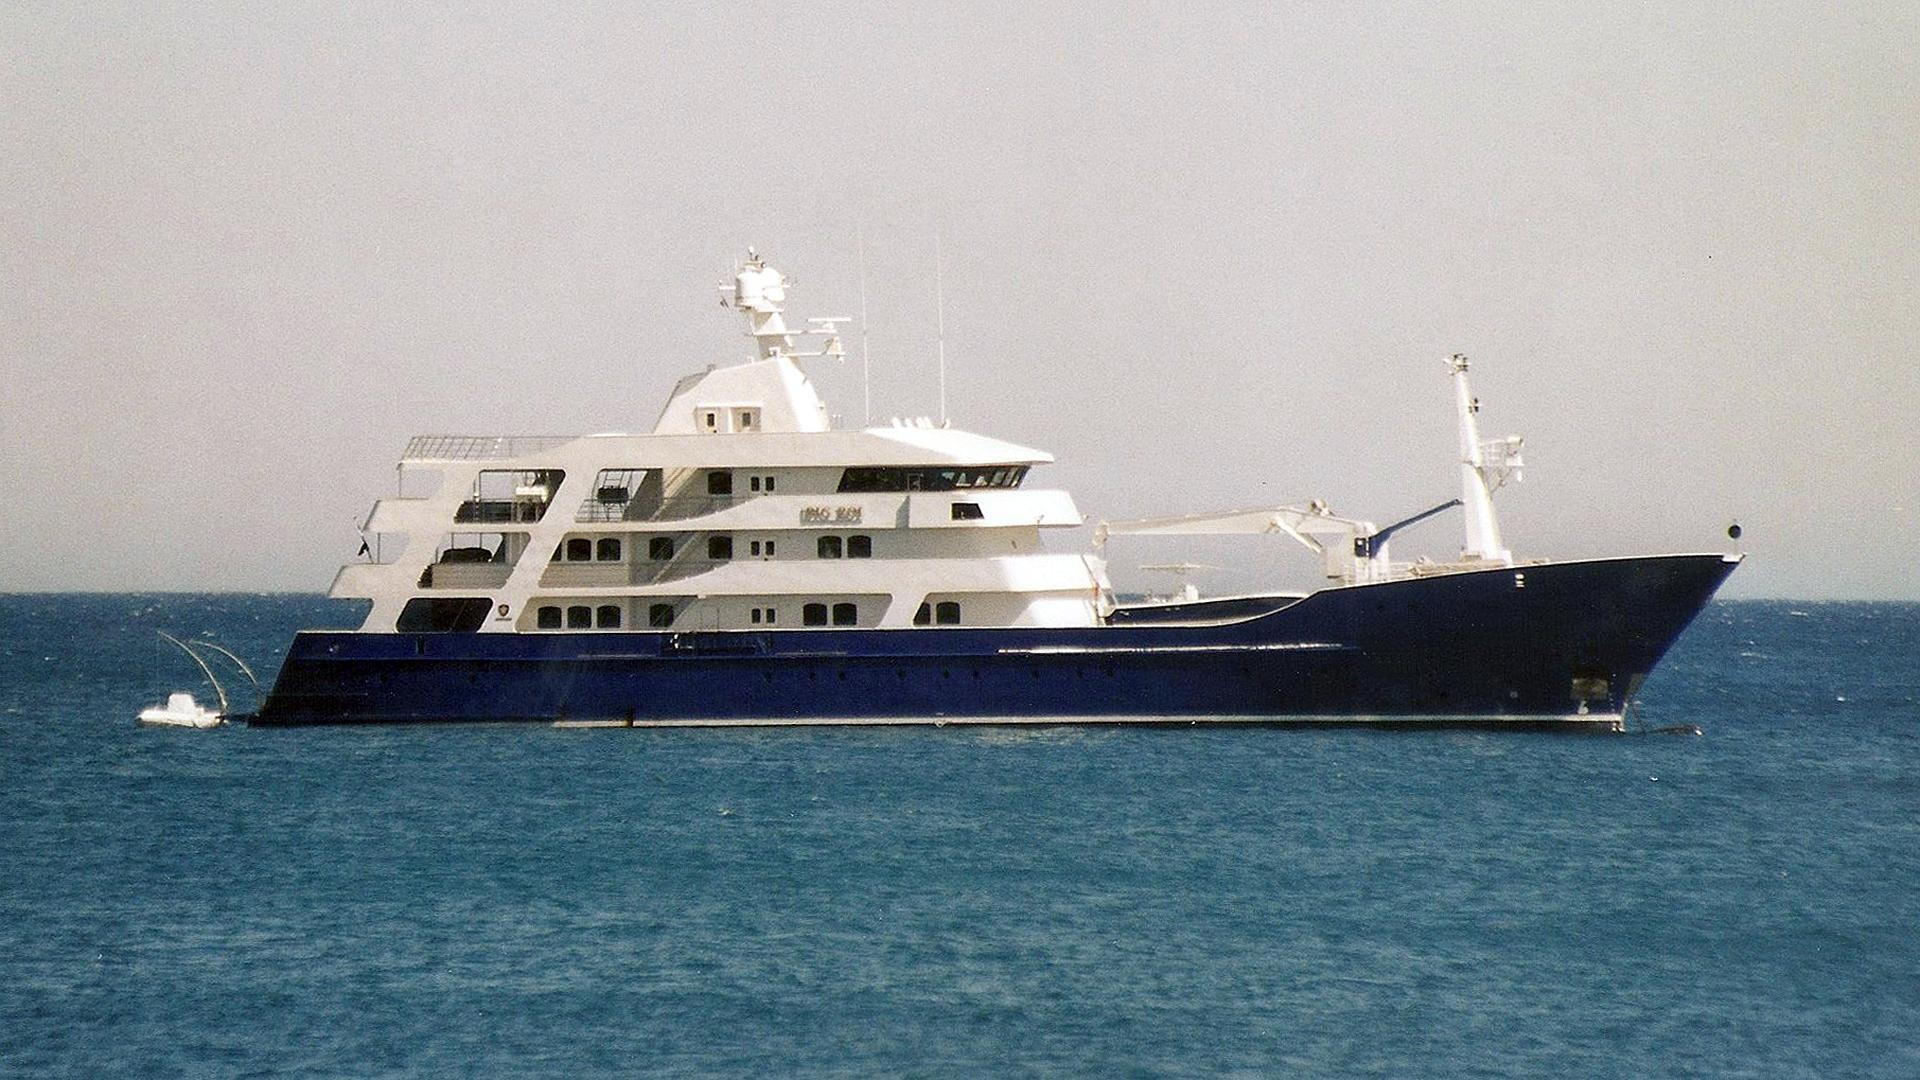 force-blue-explorer-yacht-royal-denship-assens-2002-63m-profile-before-refit